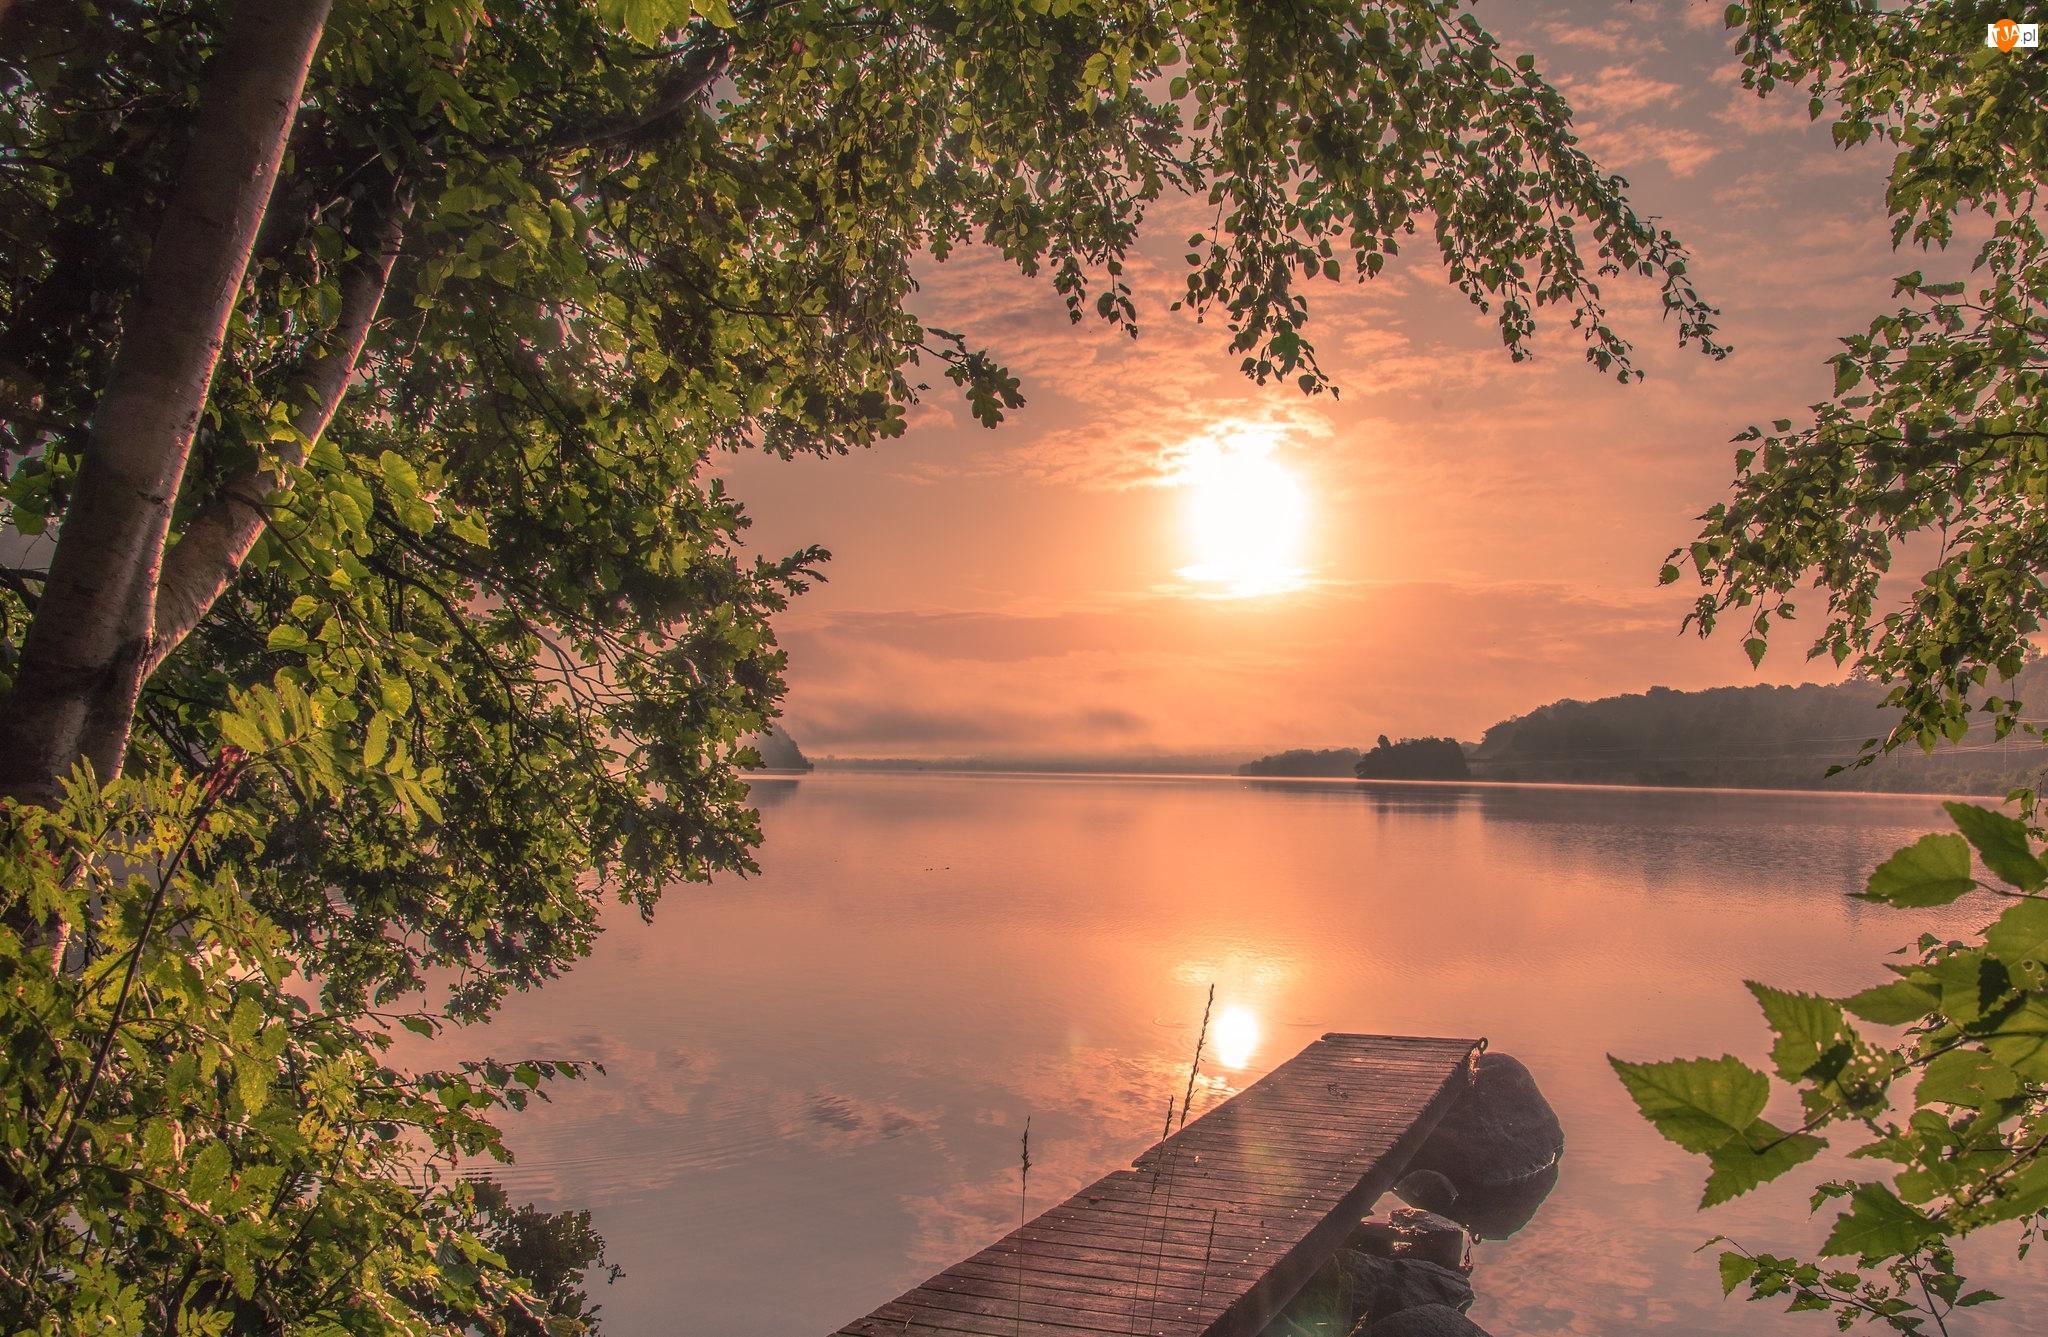 Wschód słońca, Jezioro, Drzewa, Pomost